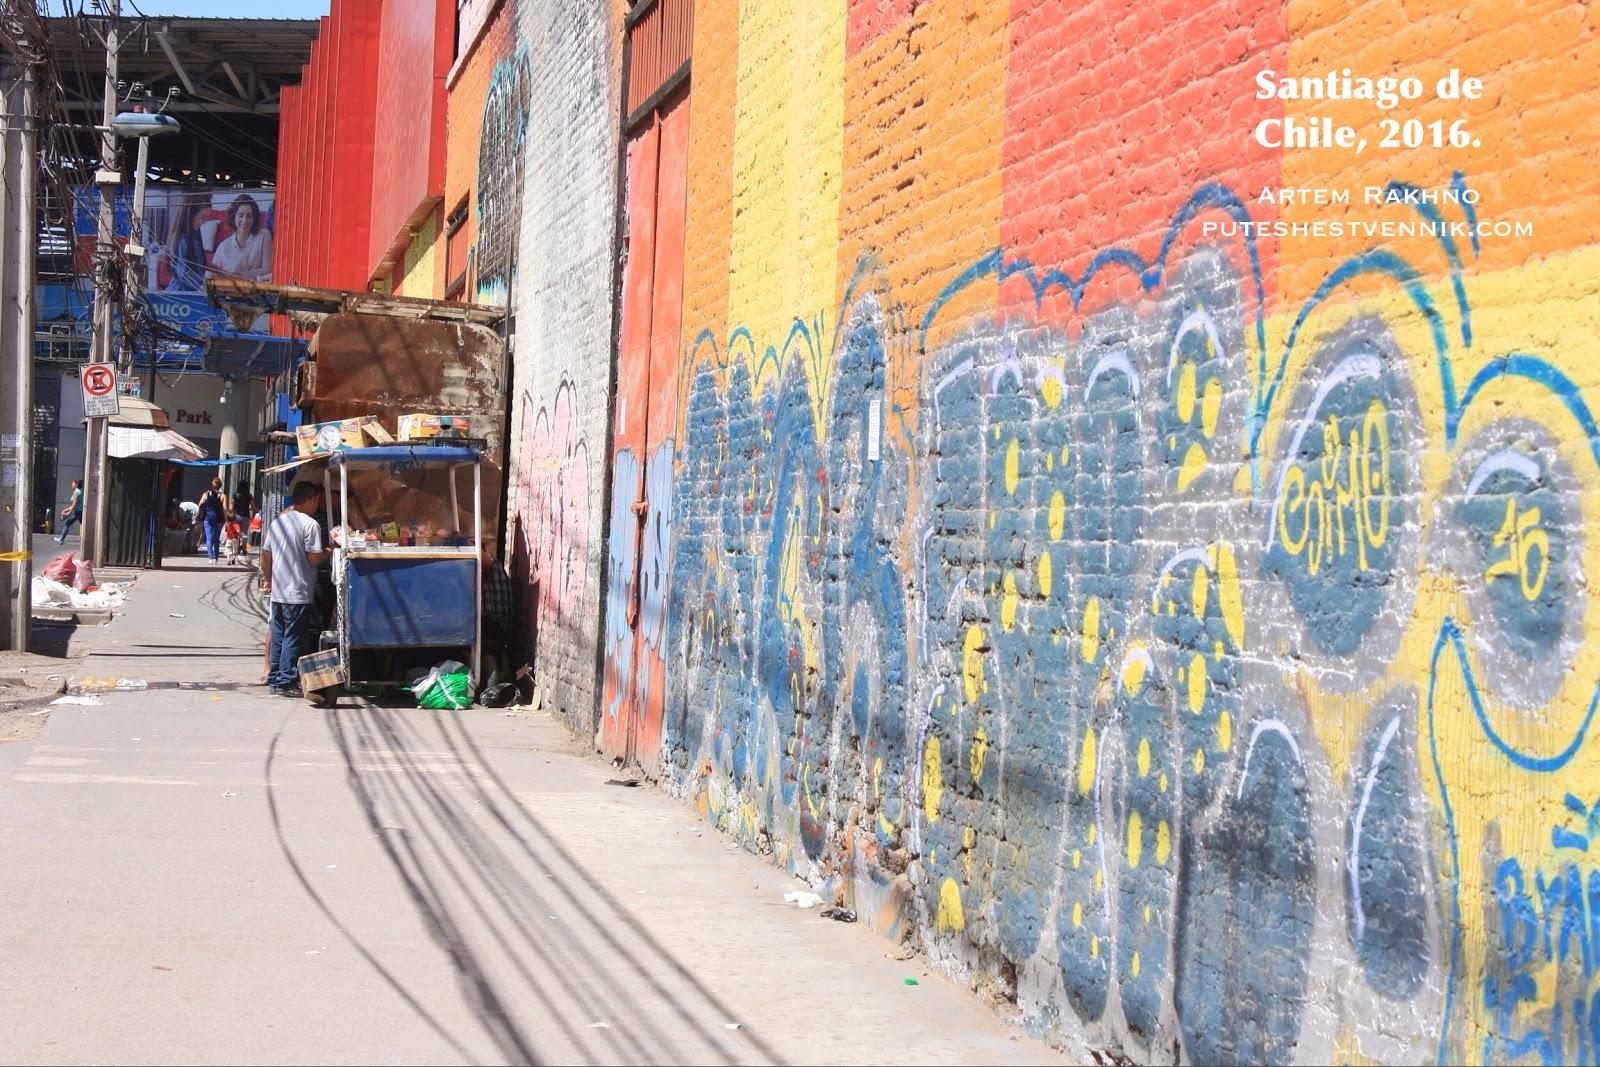 Граффити в Сантьяго